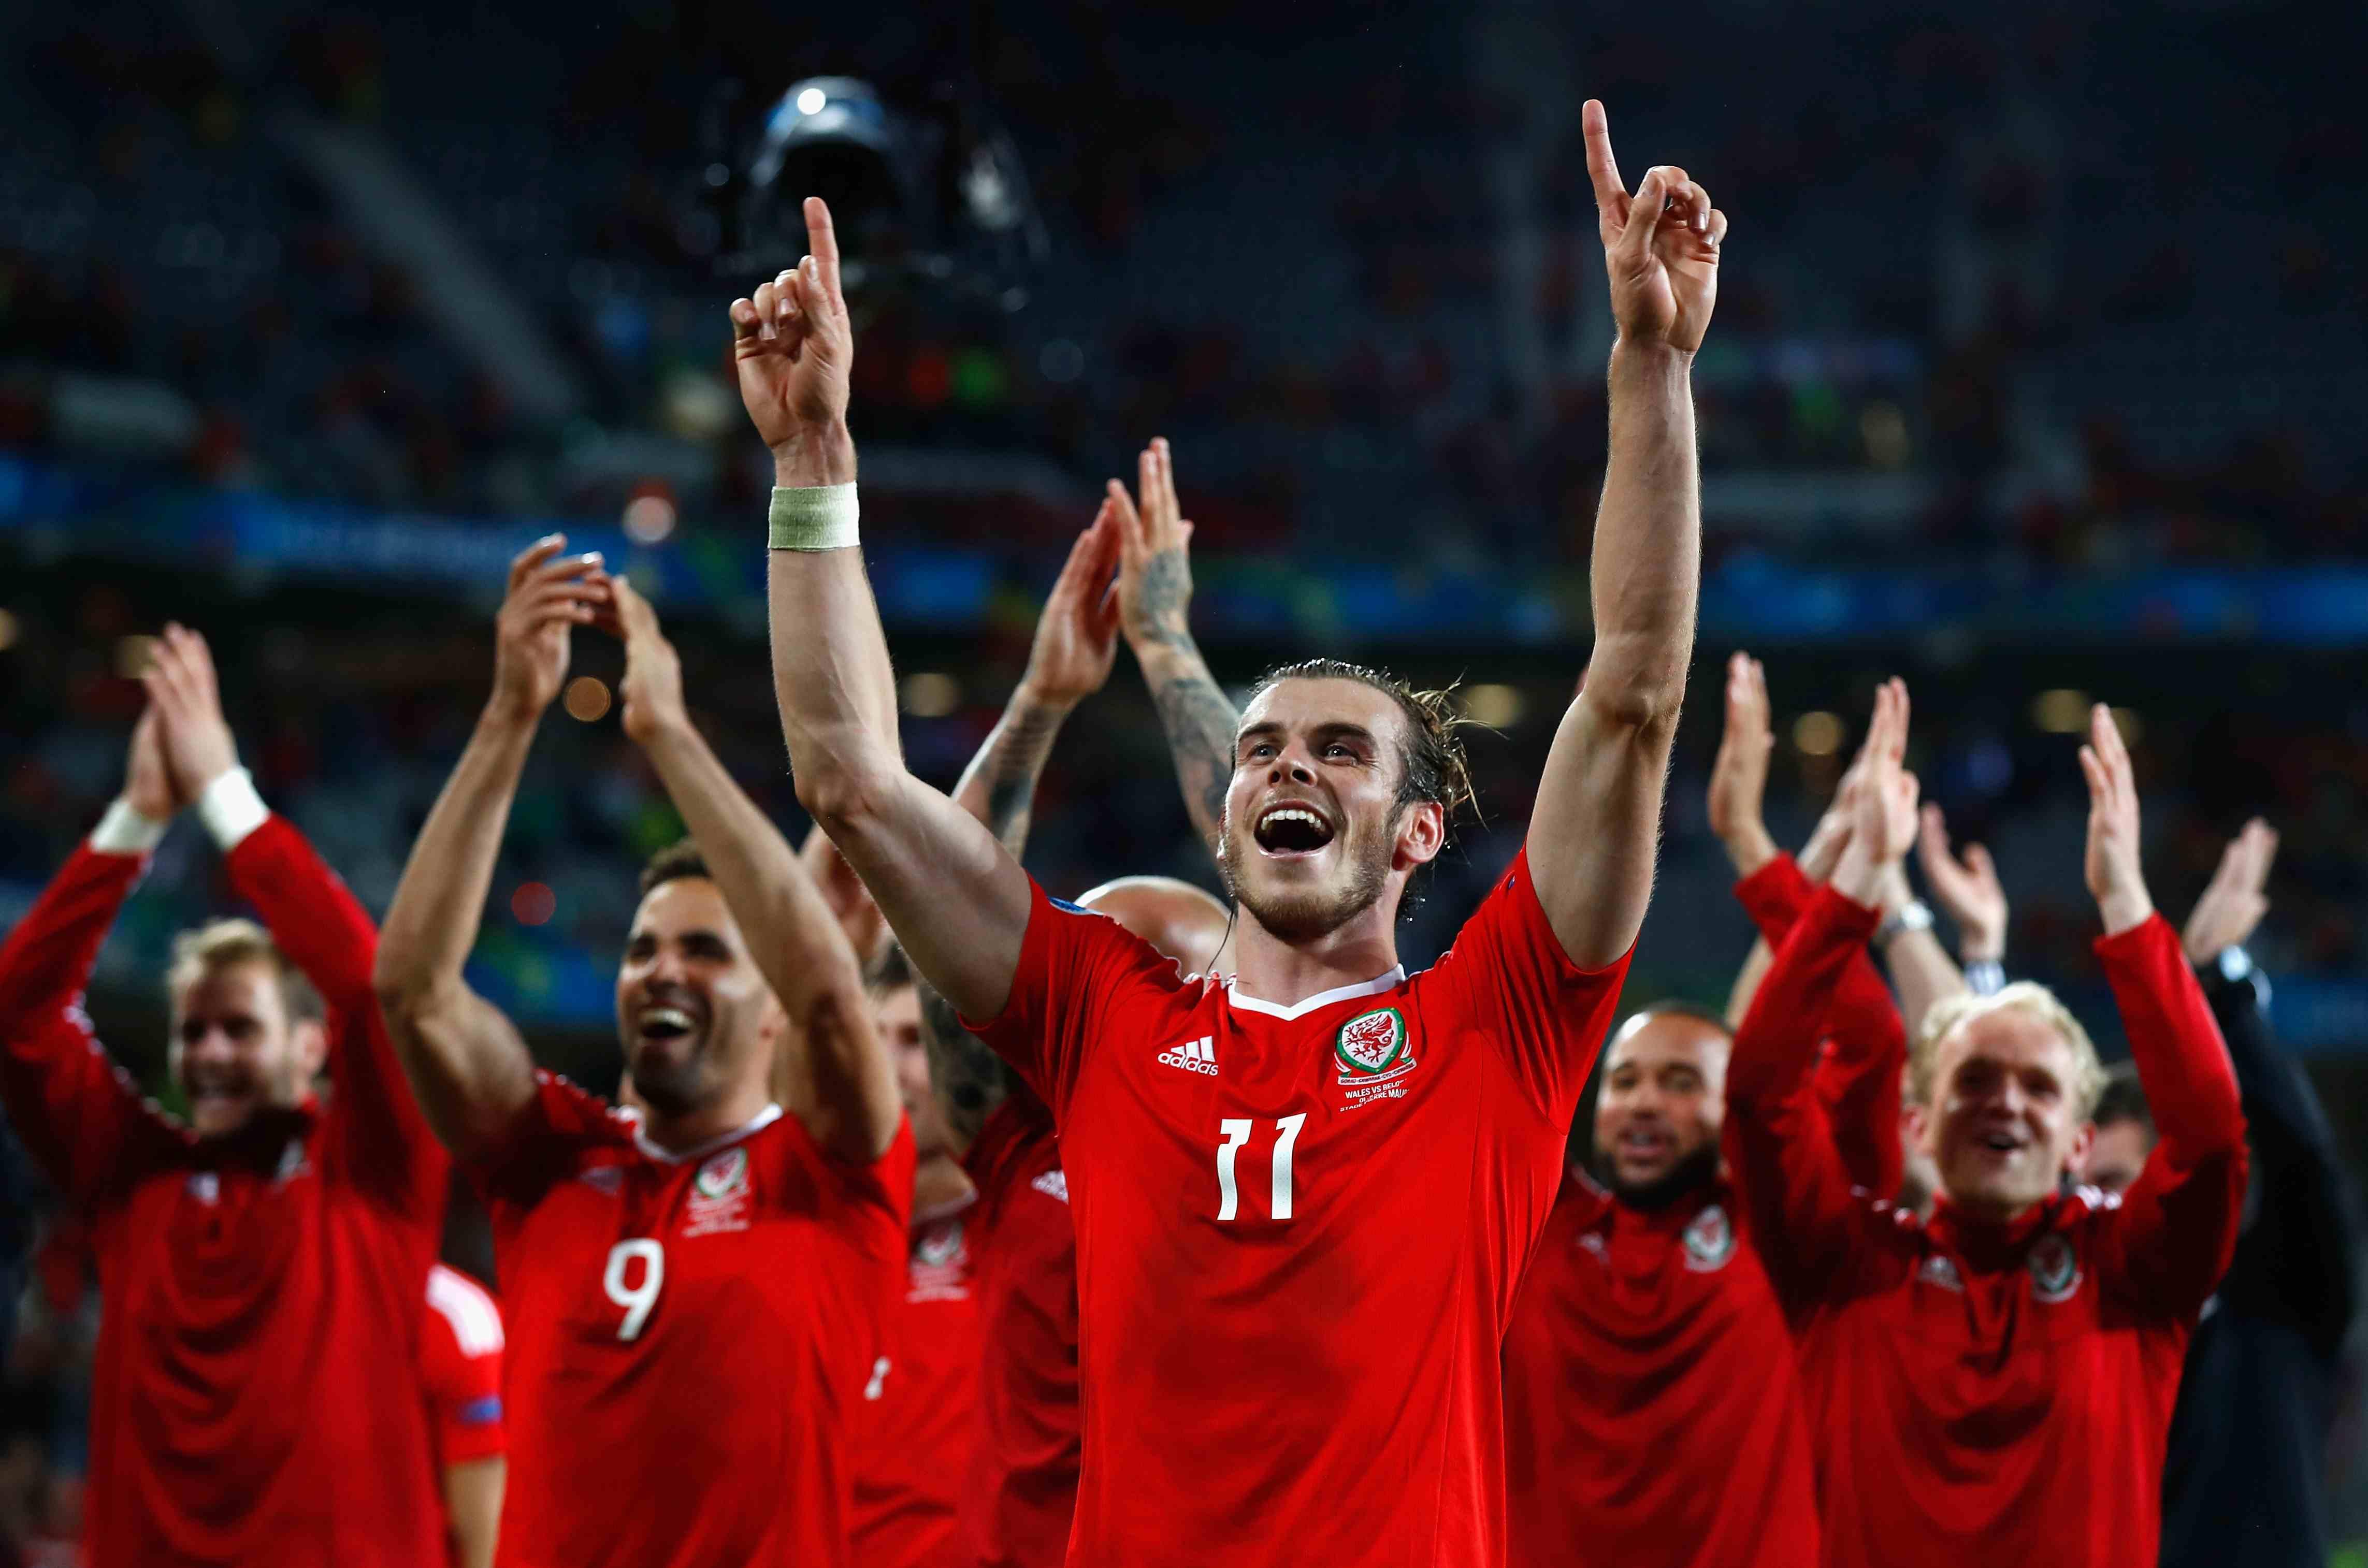 Wales und ihr Kapitän Gareth Bale können stolz auf sich sein